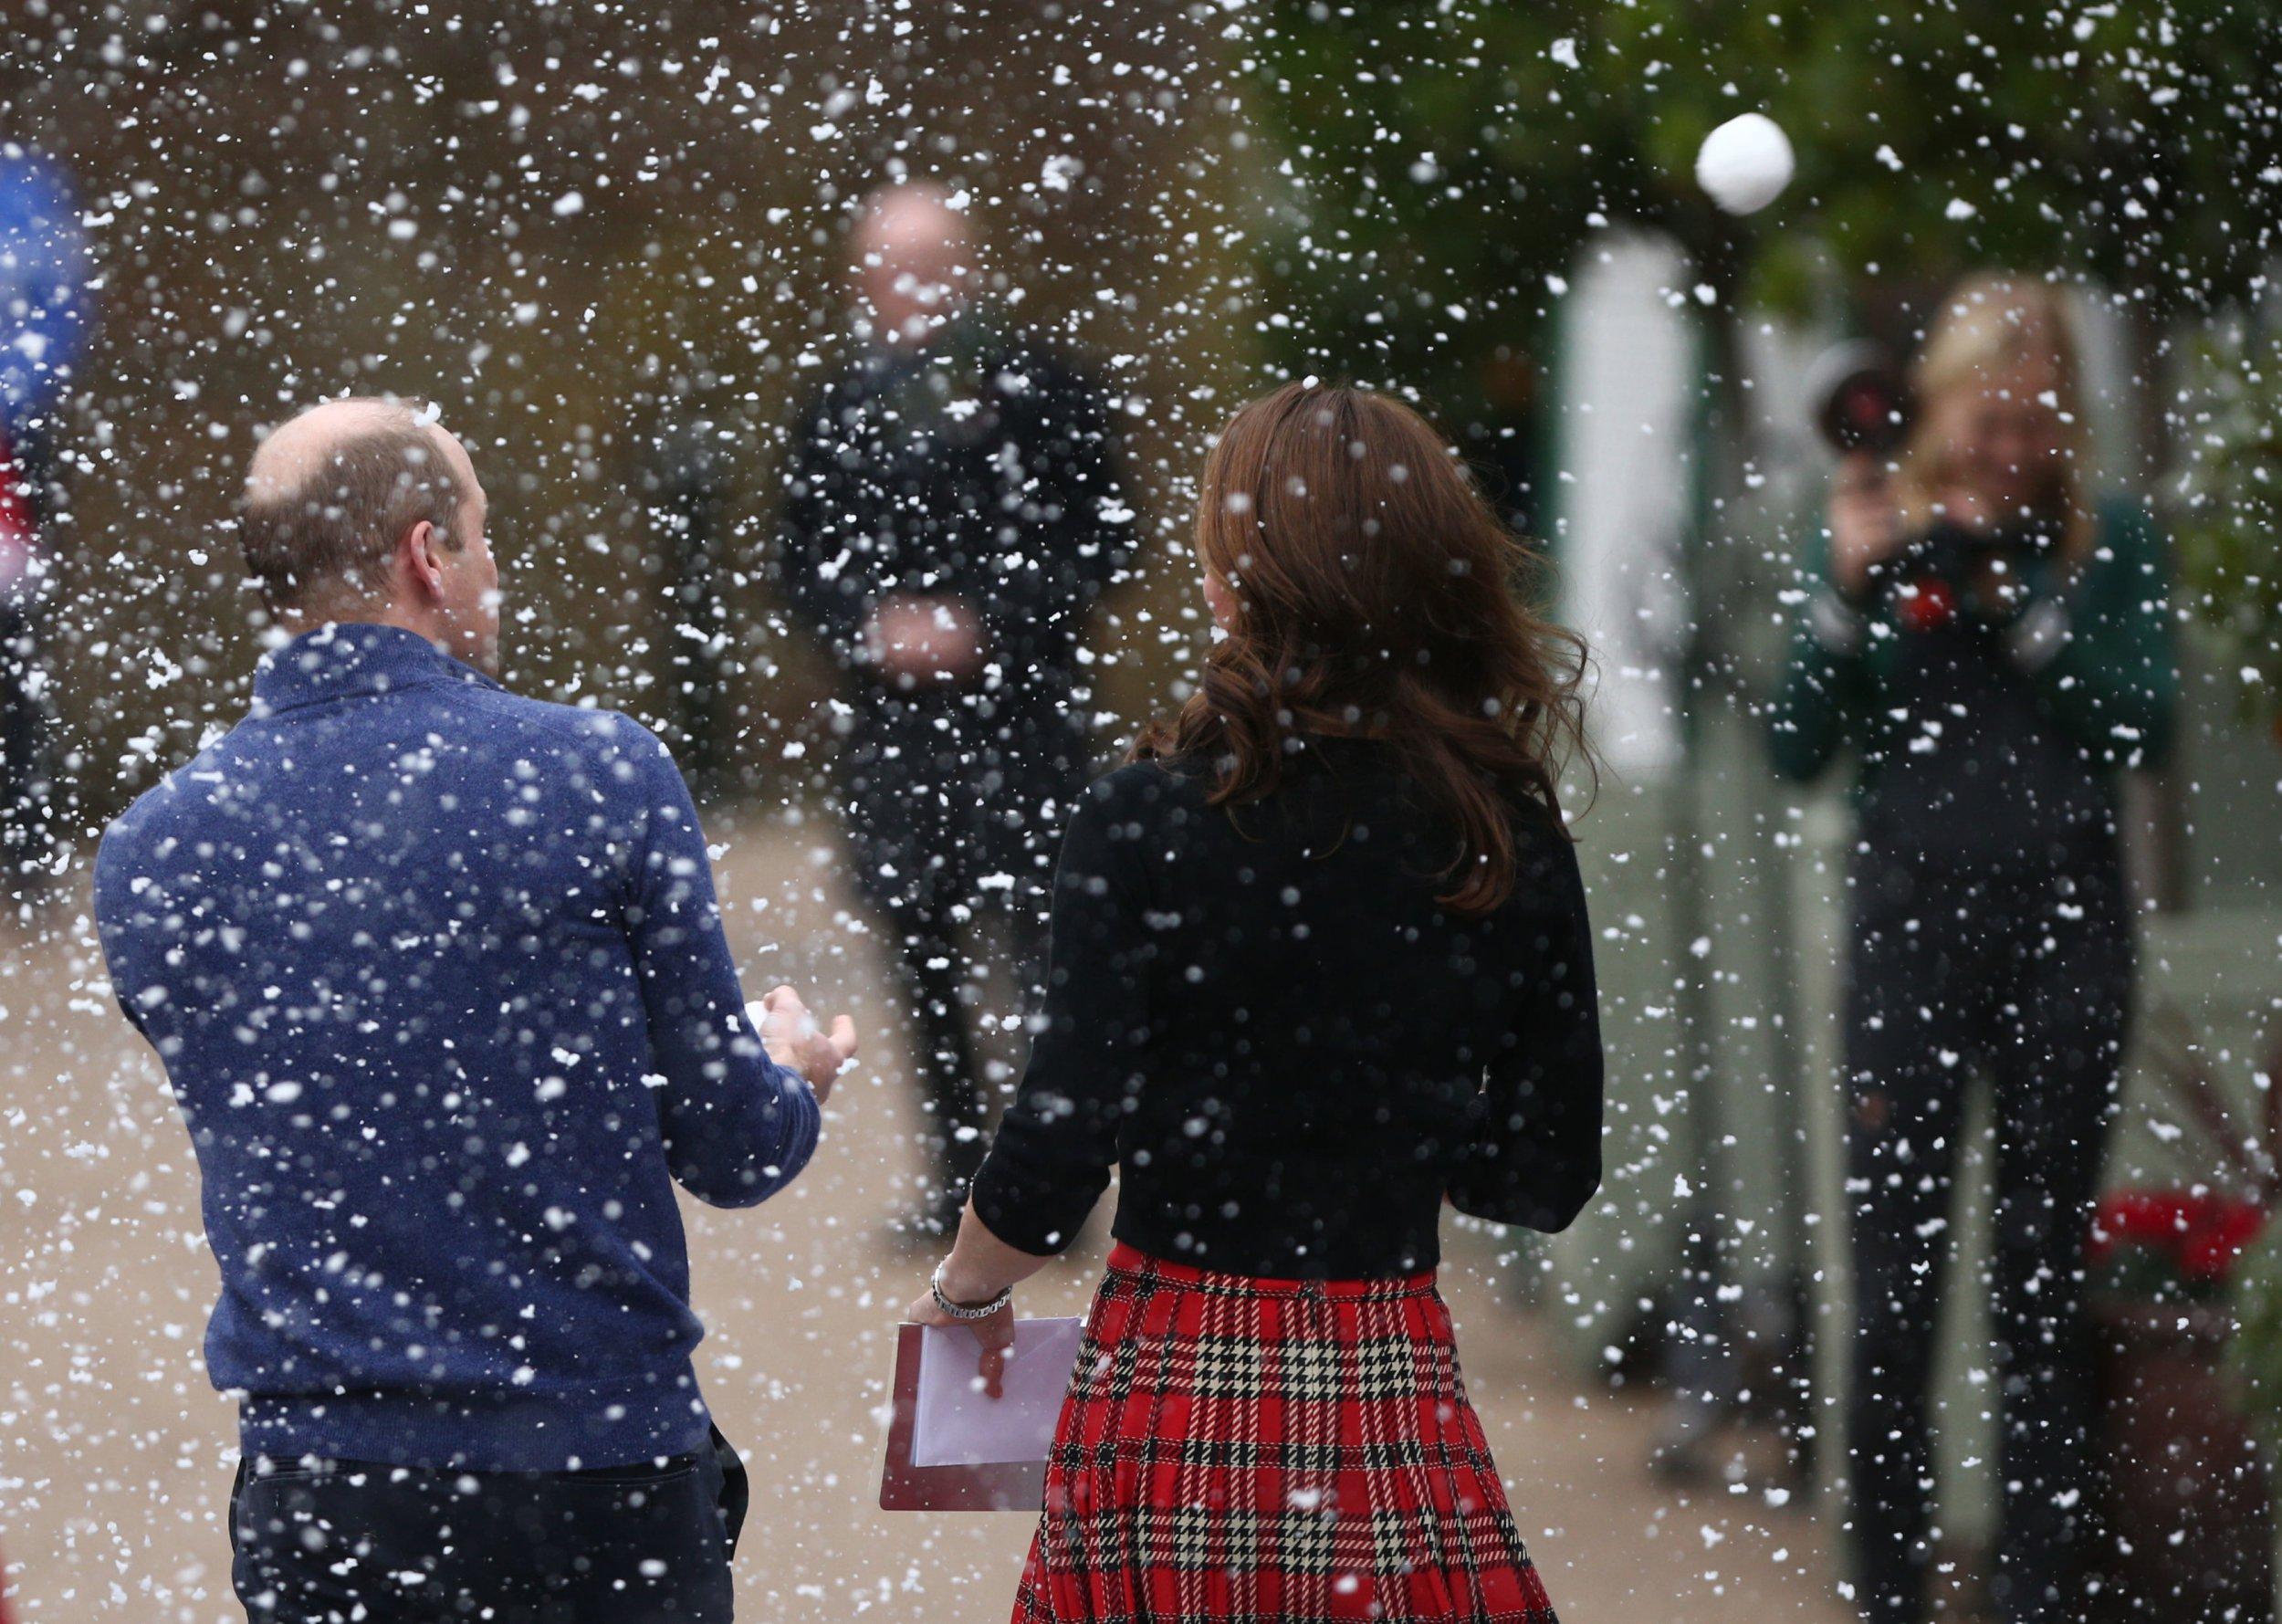 Girls sharing snowballs at sex parties